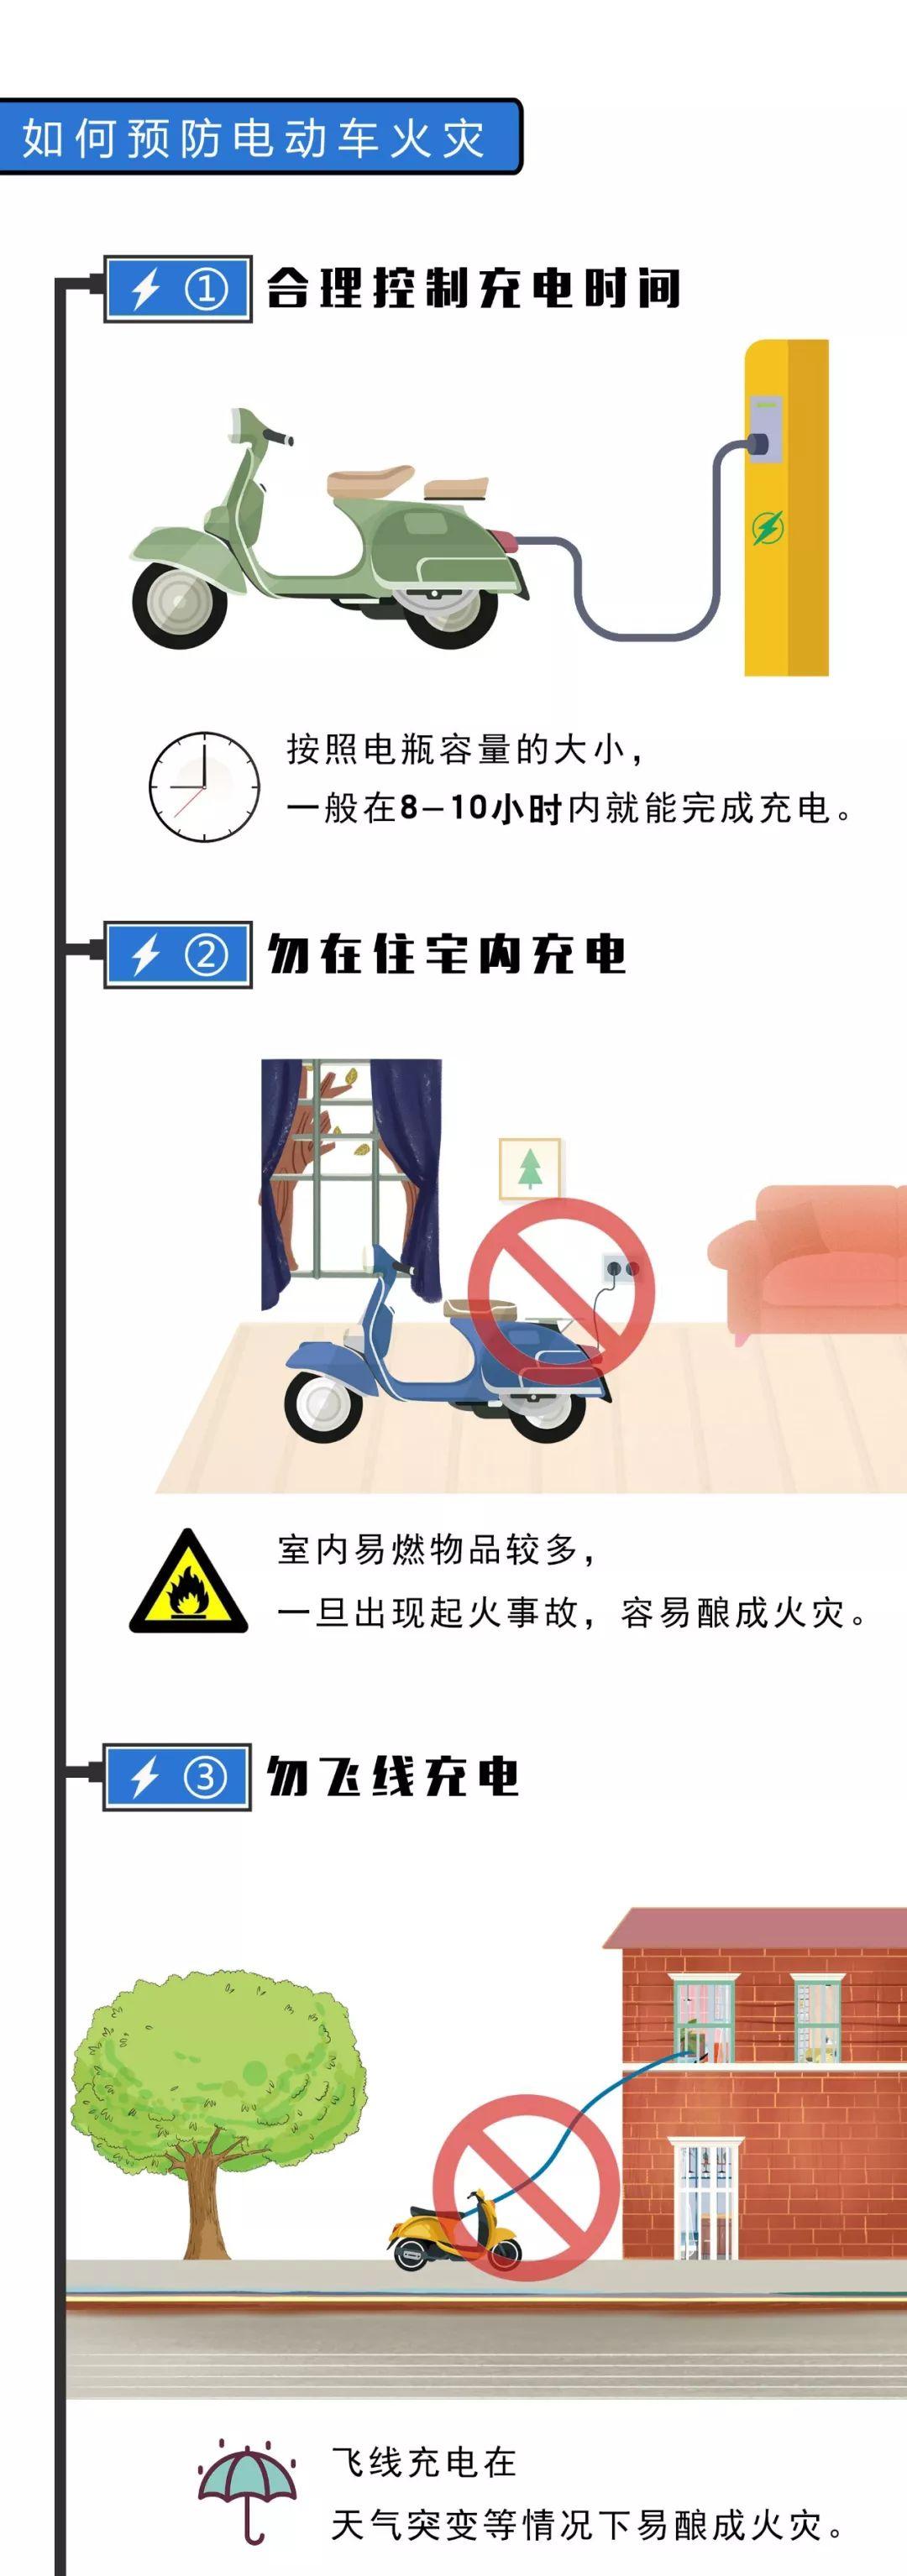 最担心的事又发生了!廊坊一小区电动车室内充电起火